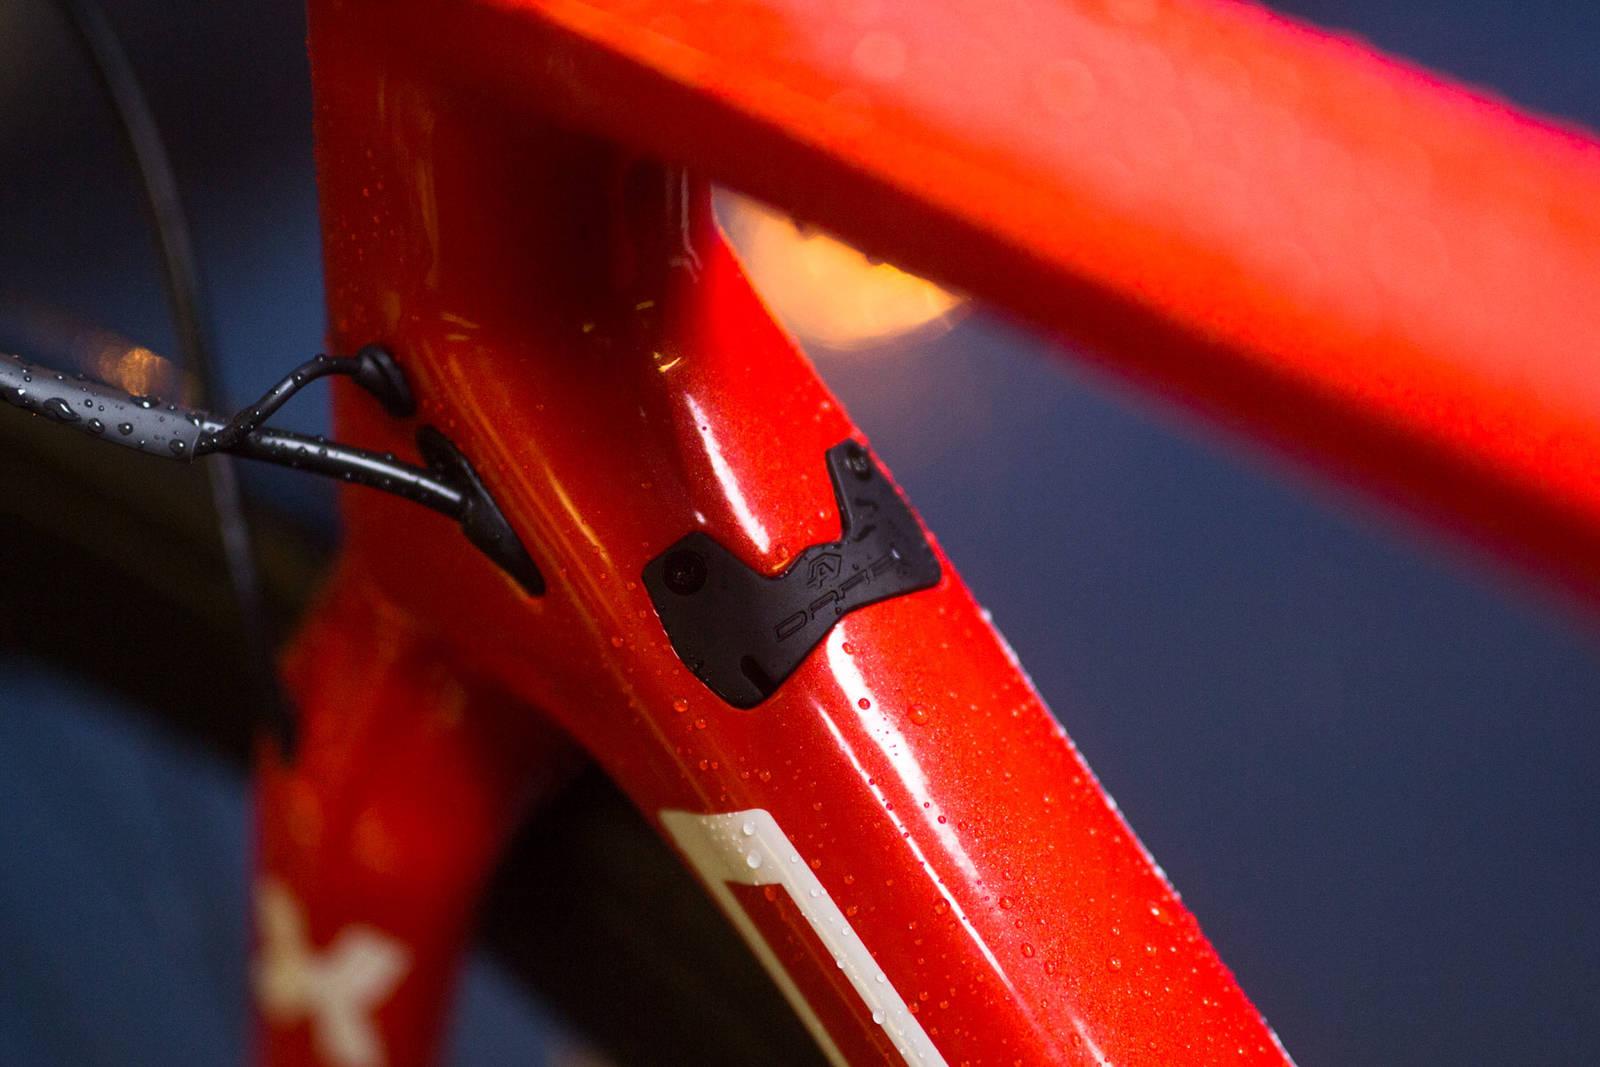 Uno-x sykkel dare norge